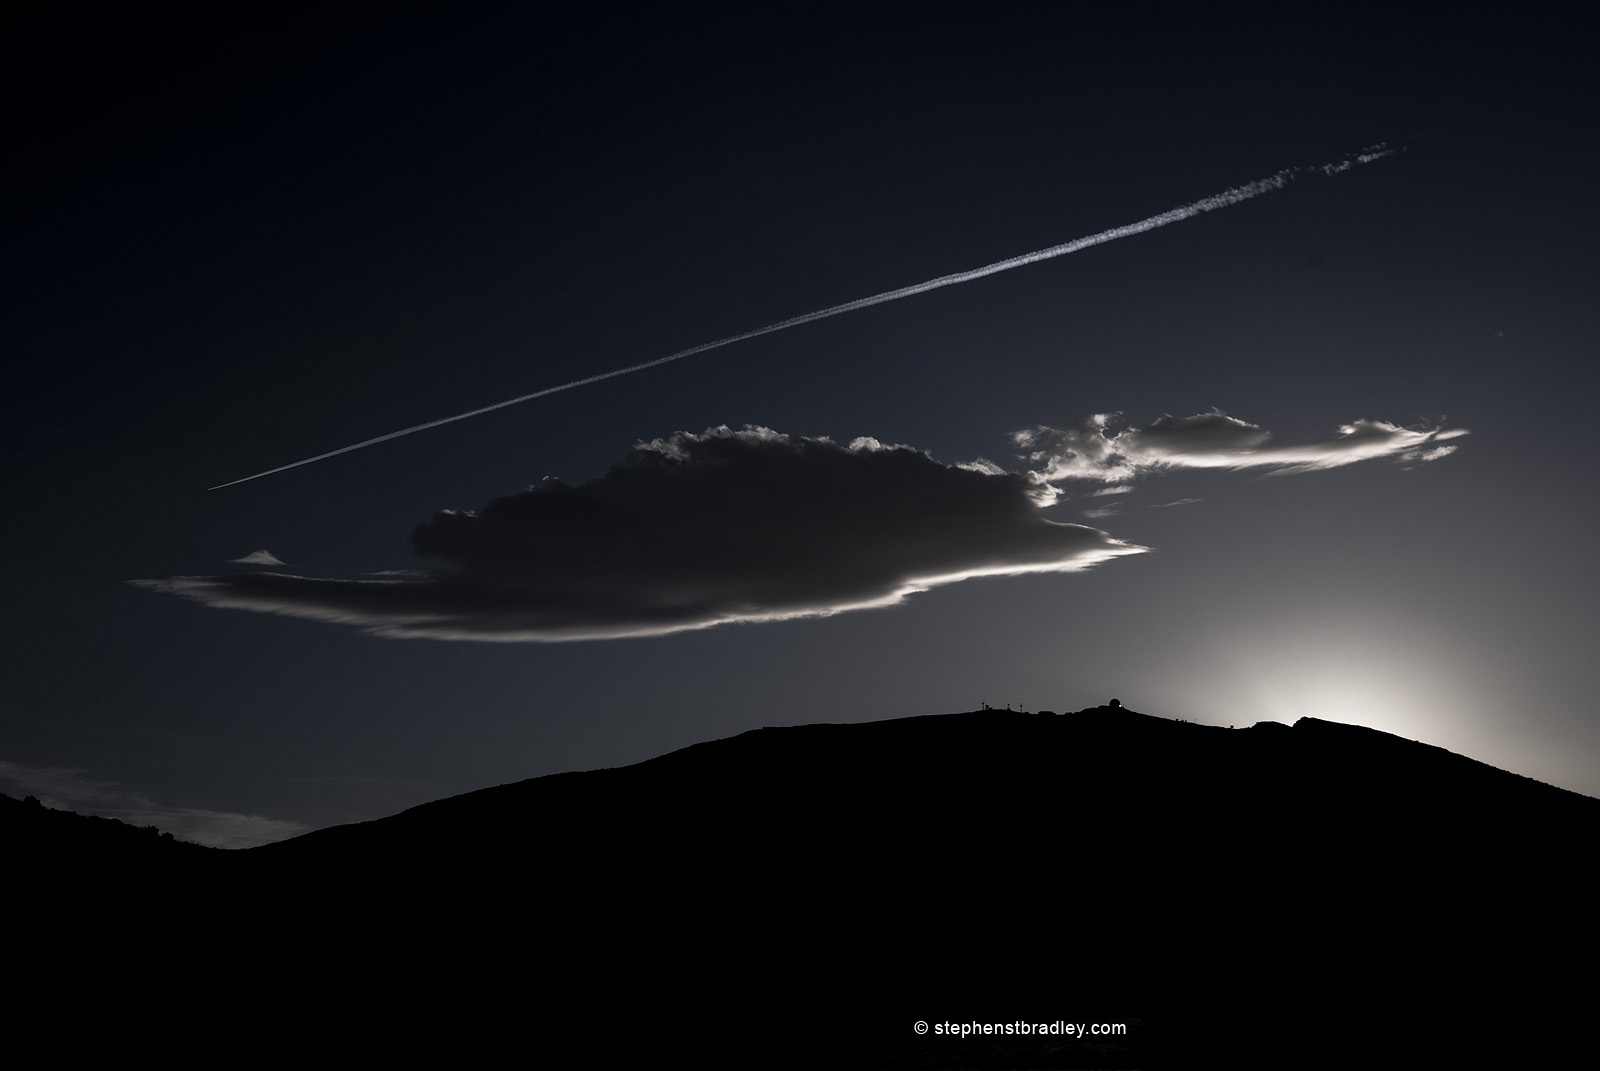 Port Lligat Cap de Creus Spain by Stephen S T Bradley, professional landscape photographer UK and USA